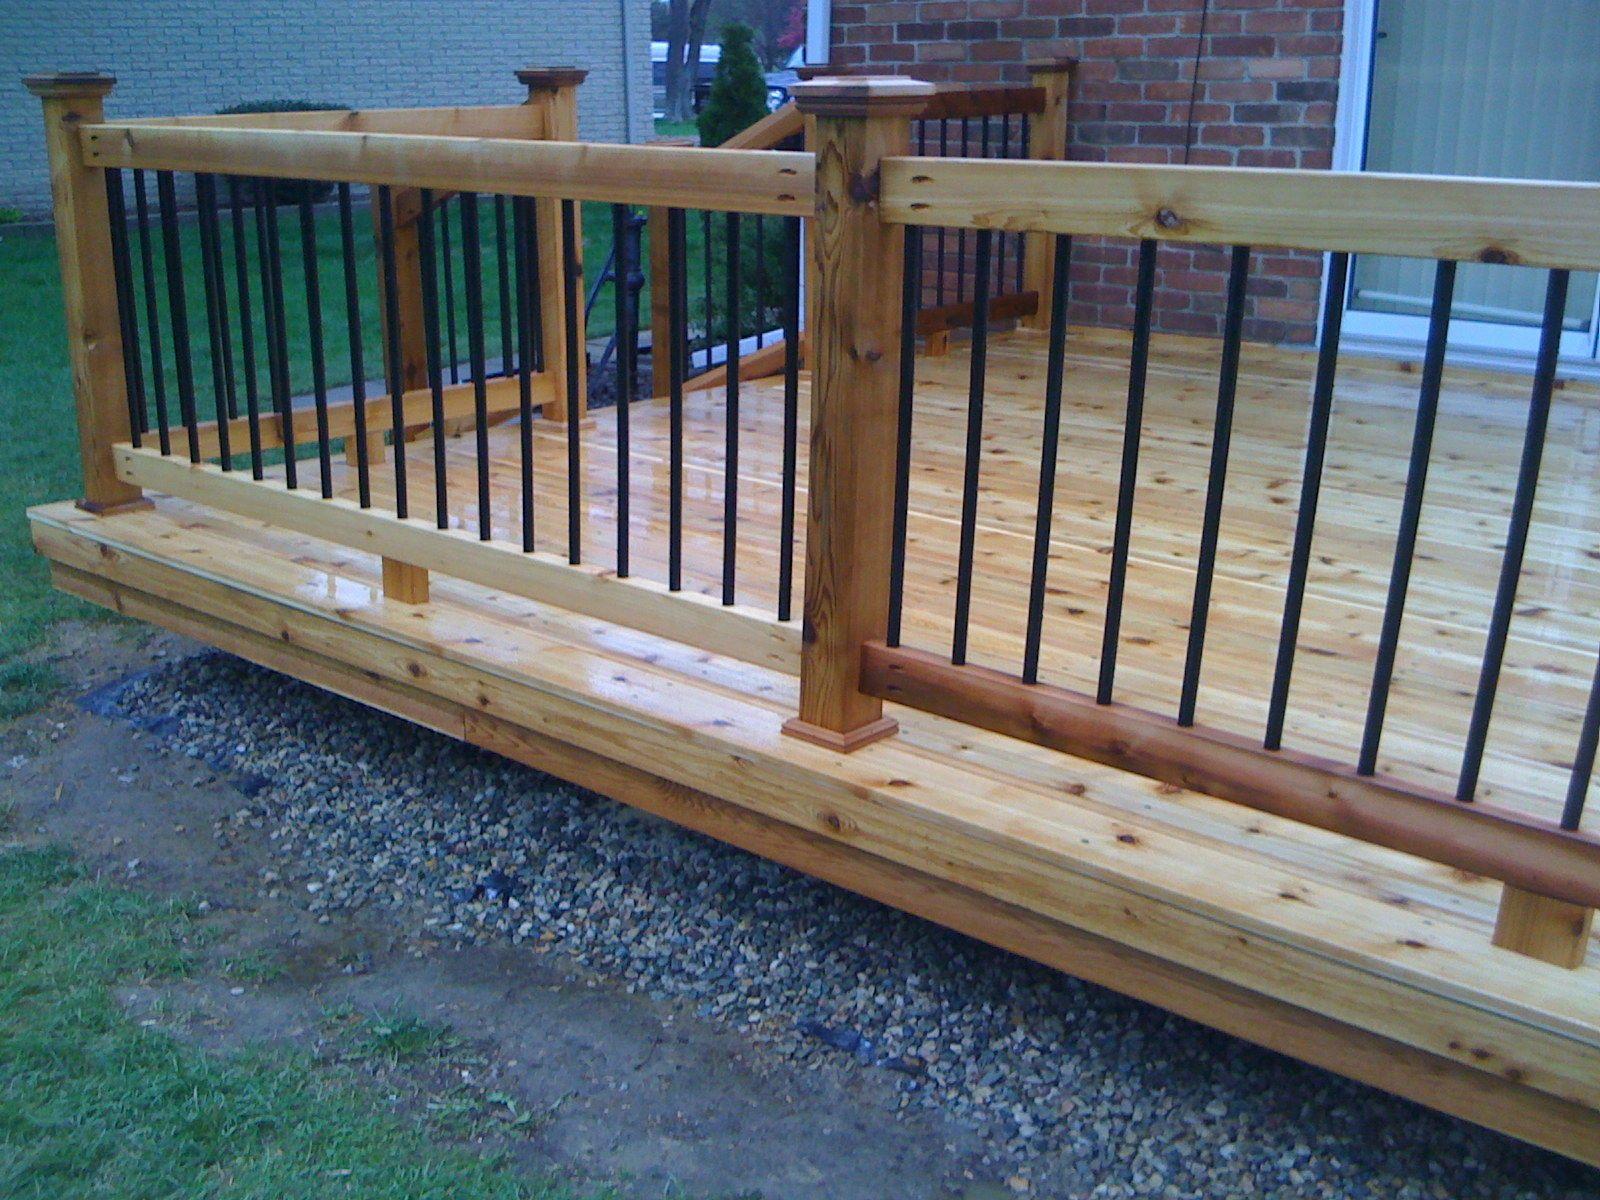 Wooden Porch Railing Plans Metal Deck Railing Deck Balusters Deck Railing Design